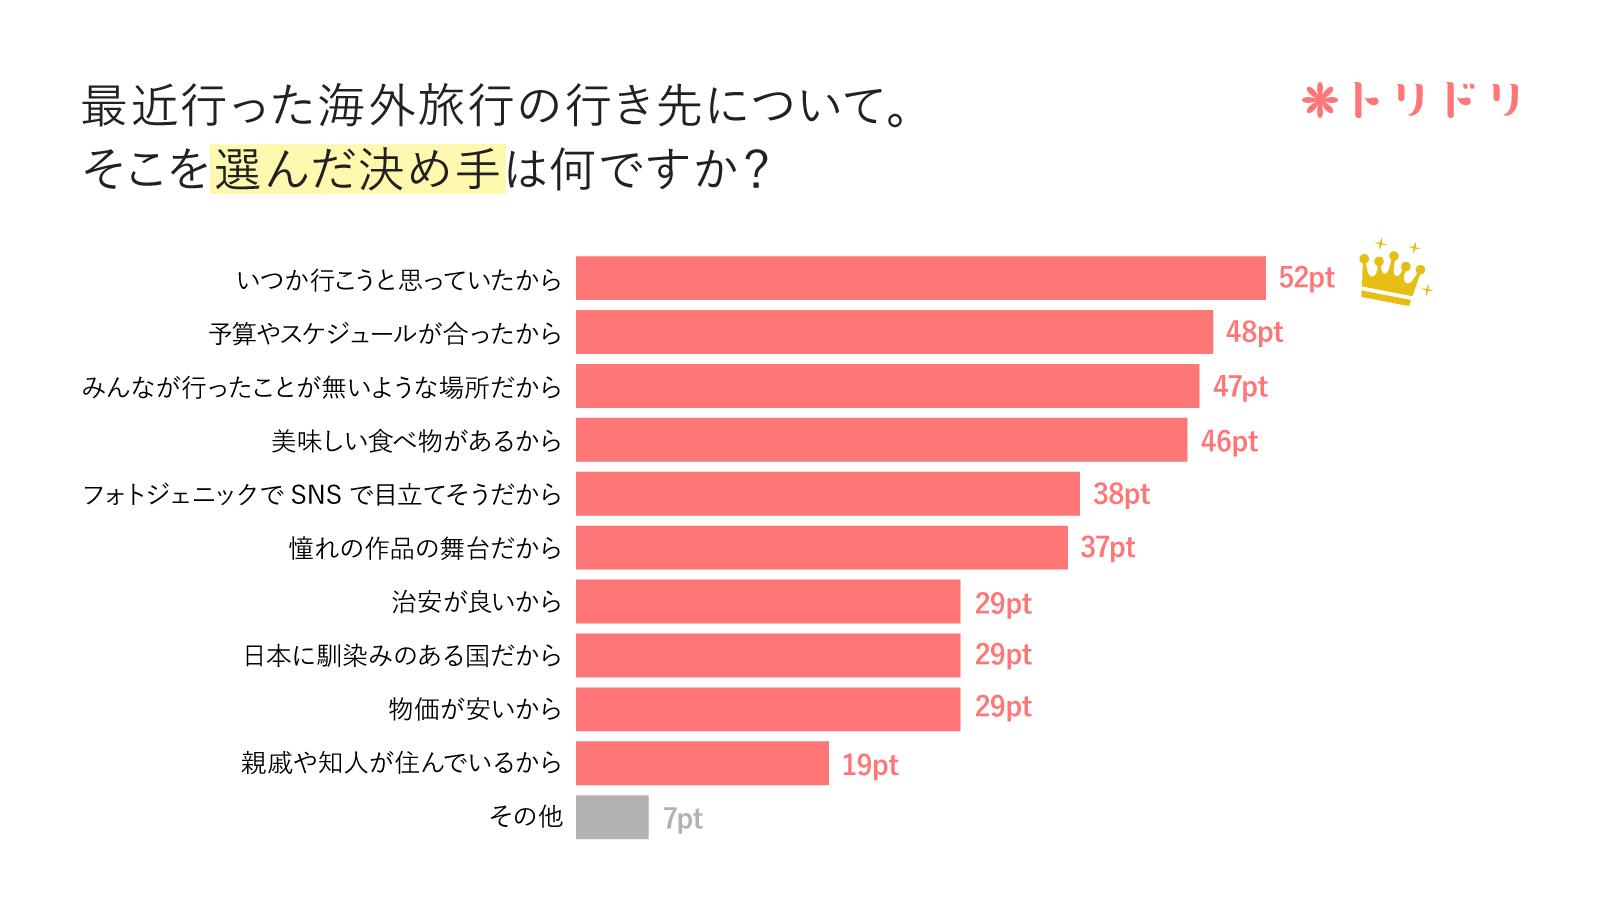 アンケートのグラフ:最近行った海外旅行の行き先について。そこを選んだ決め手は何ですか?